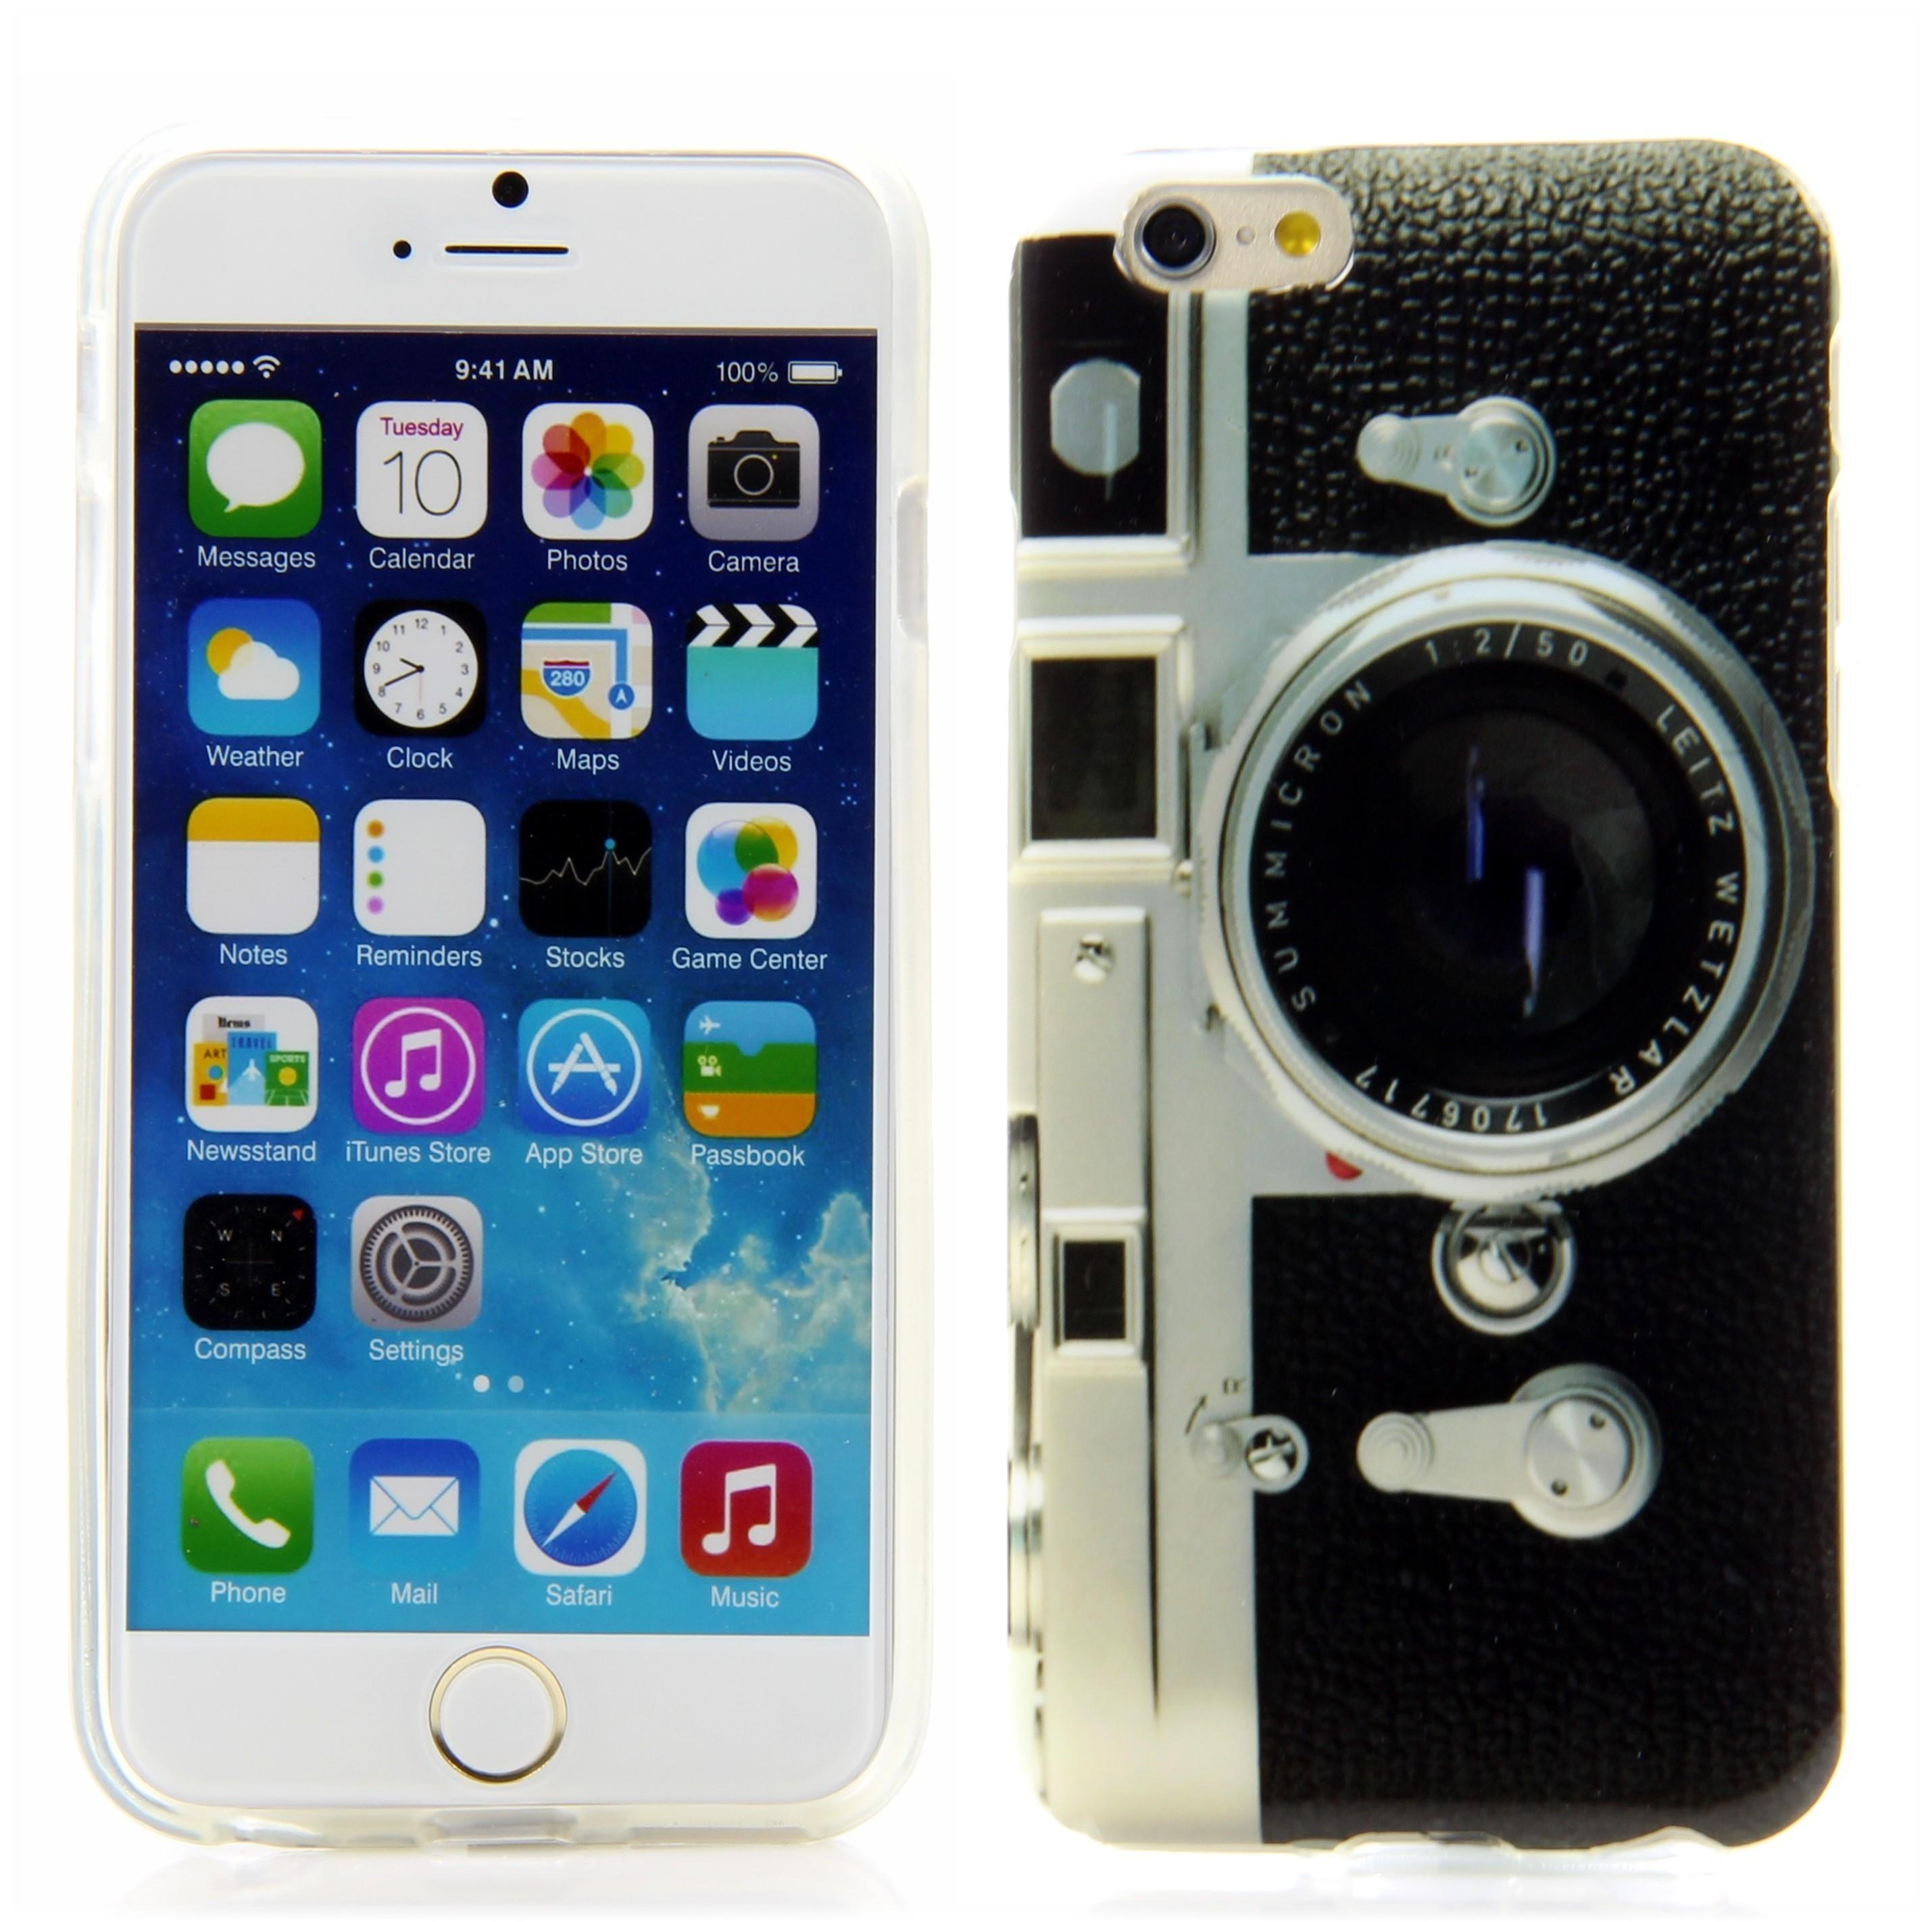 apple iphone 4 5 6 7 handy schutz h lle etui case cover design motiv folie ebay. Black Bedroom Furniture Sets. Home Design Ideas